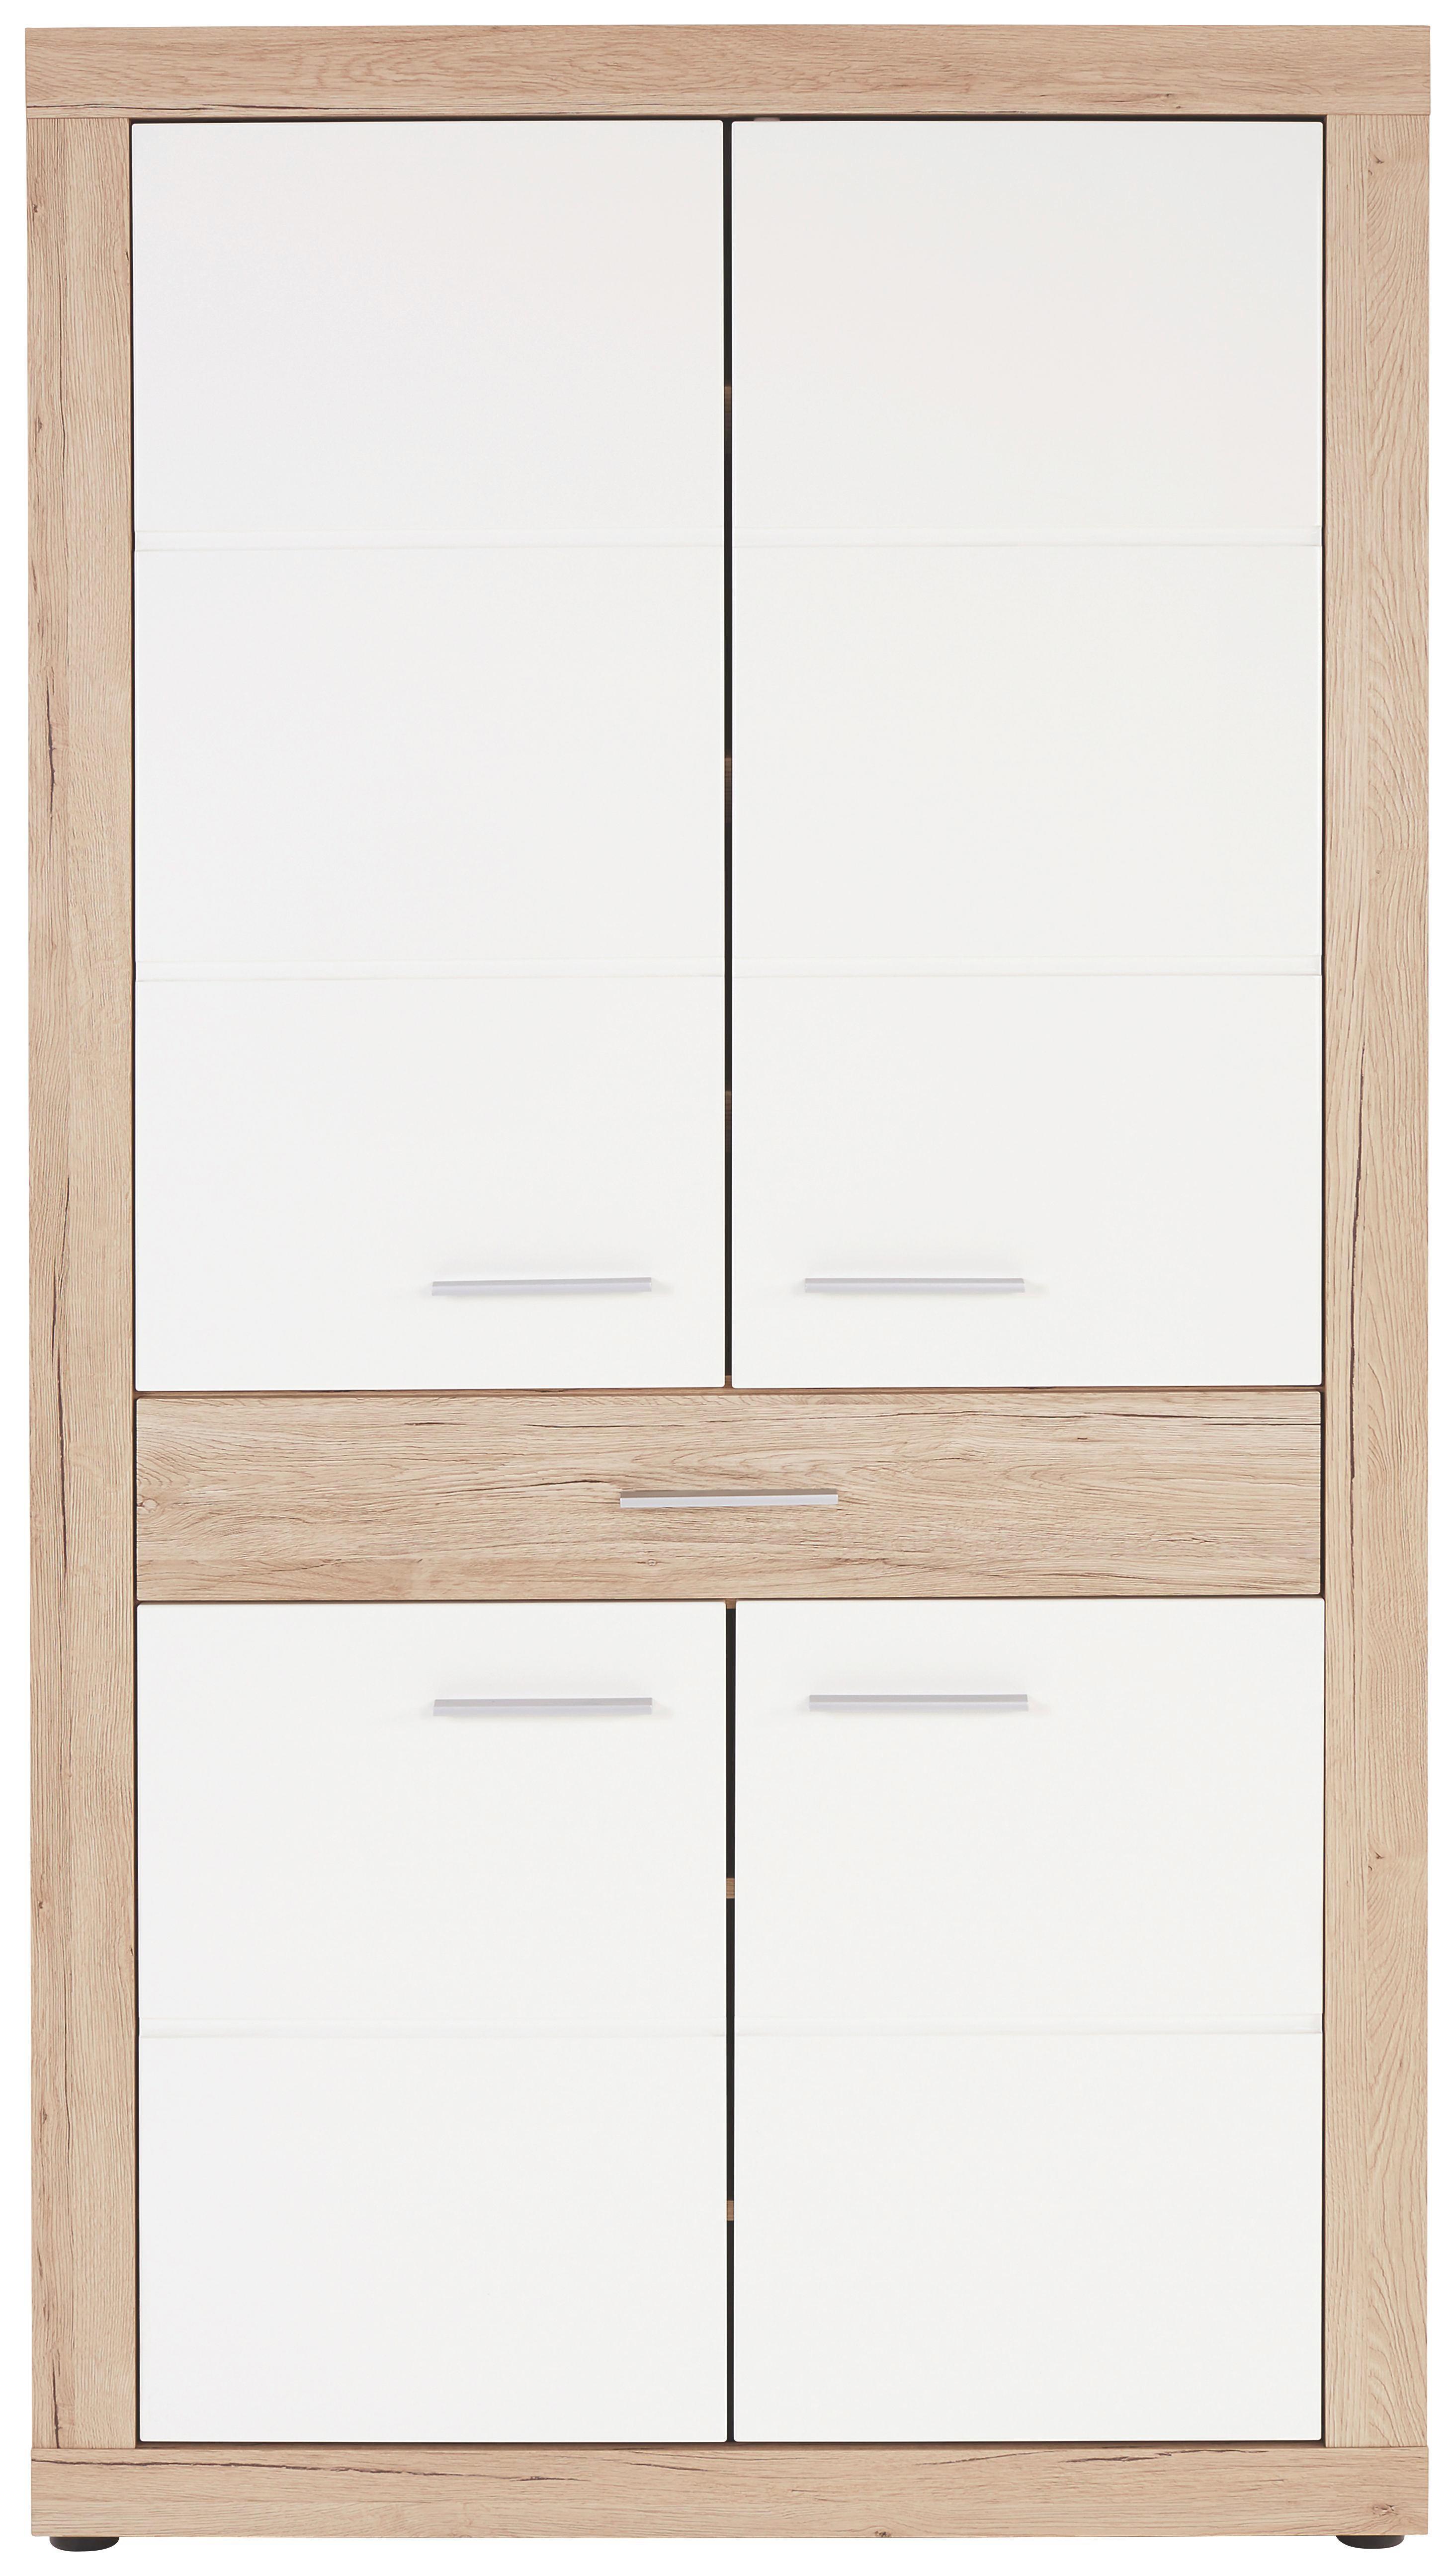 Előszoba Szekrény Malta - tölgy színű/fehér, modern, faanyagok (95/196,8/36cm)